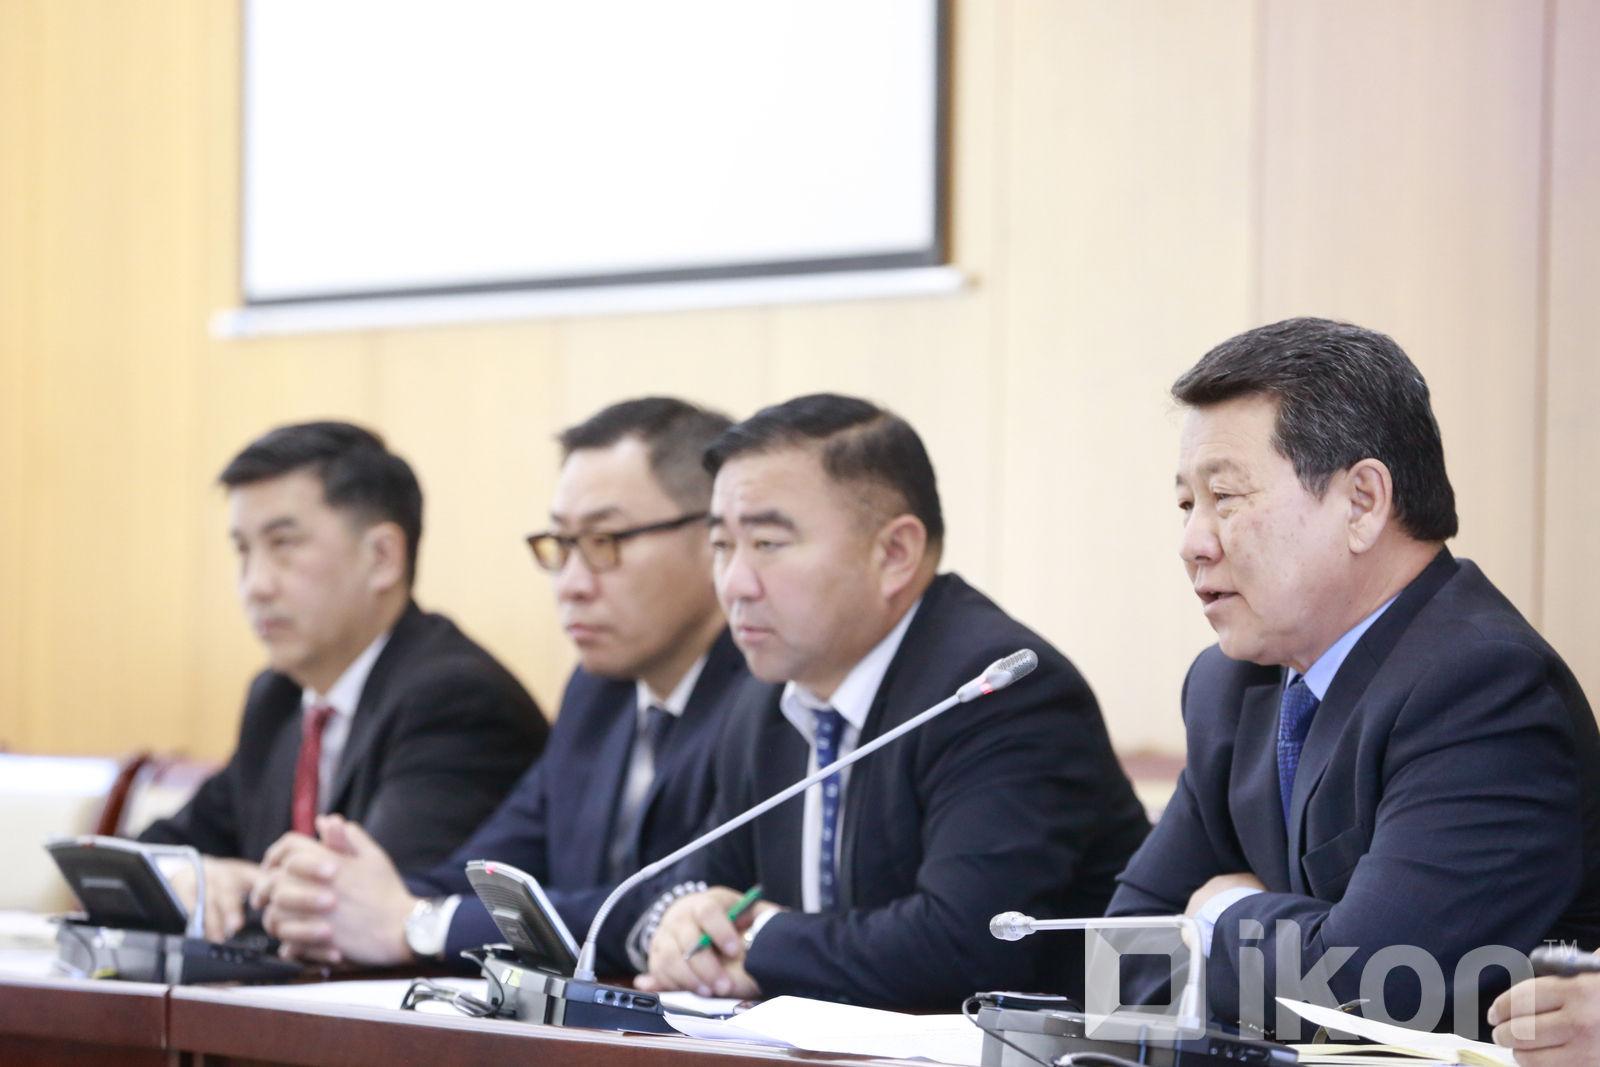 Ч.Улаан: Хятадын компани Монголын 50 га газарт хүлэмжийн аж ахуй эрхлэх асуудал бидэнд тавигдаагүй